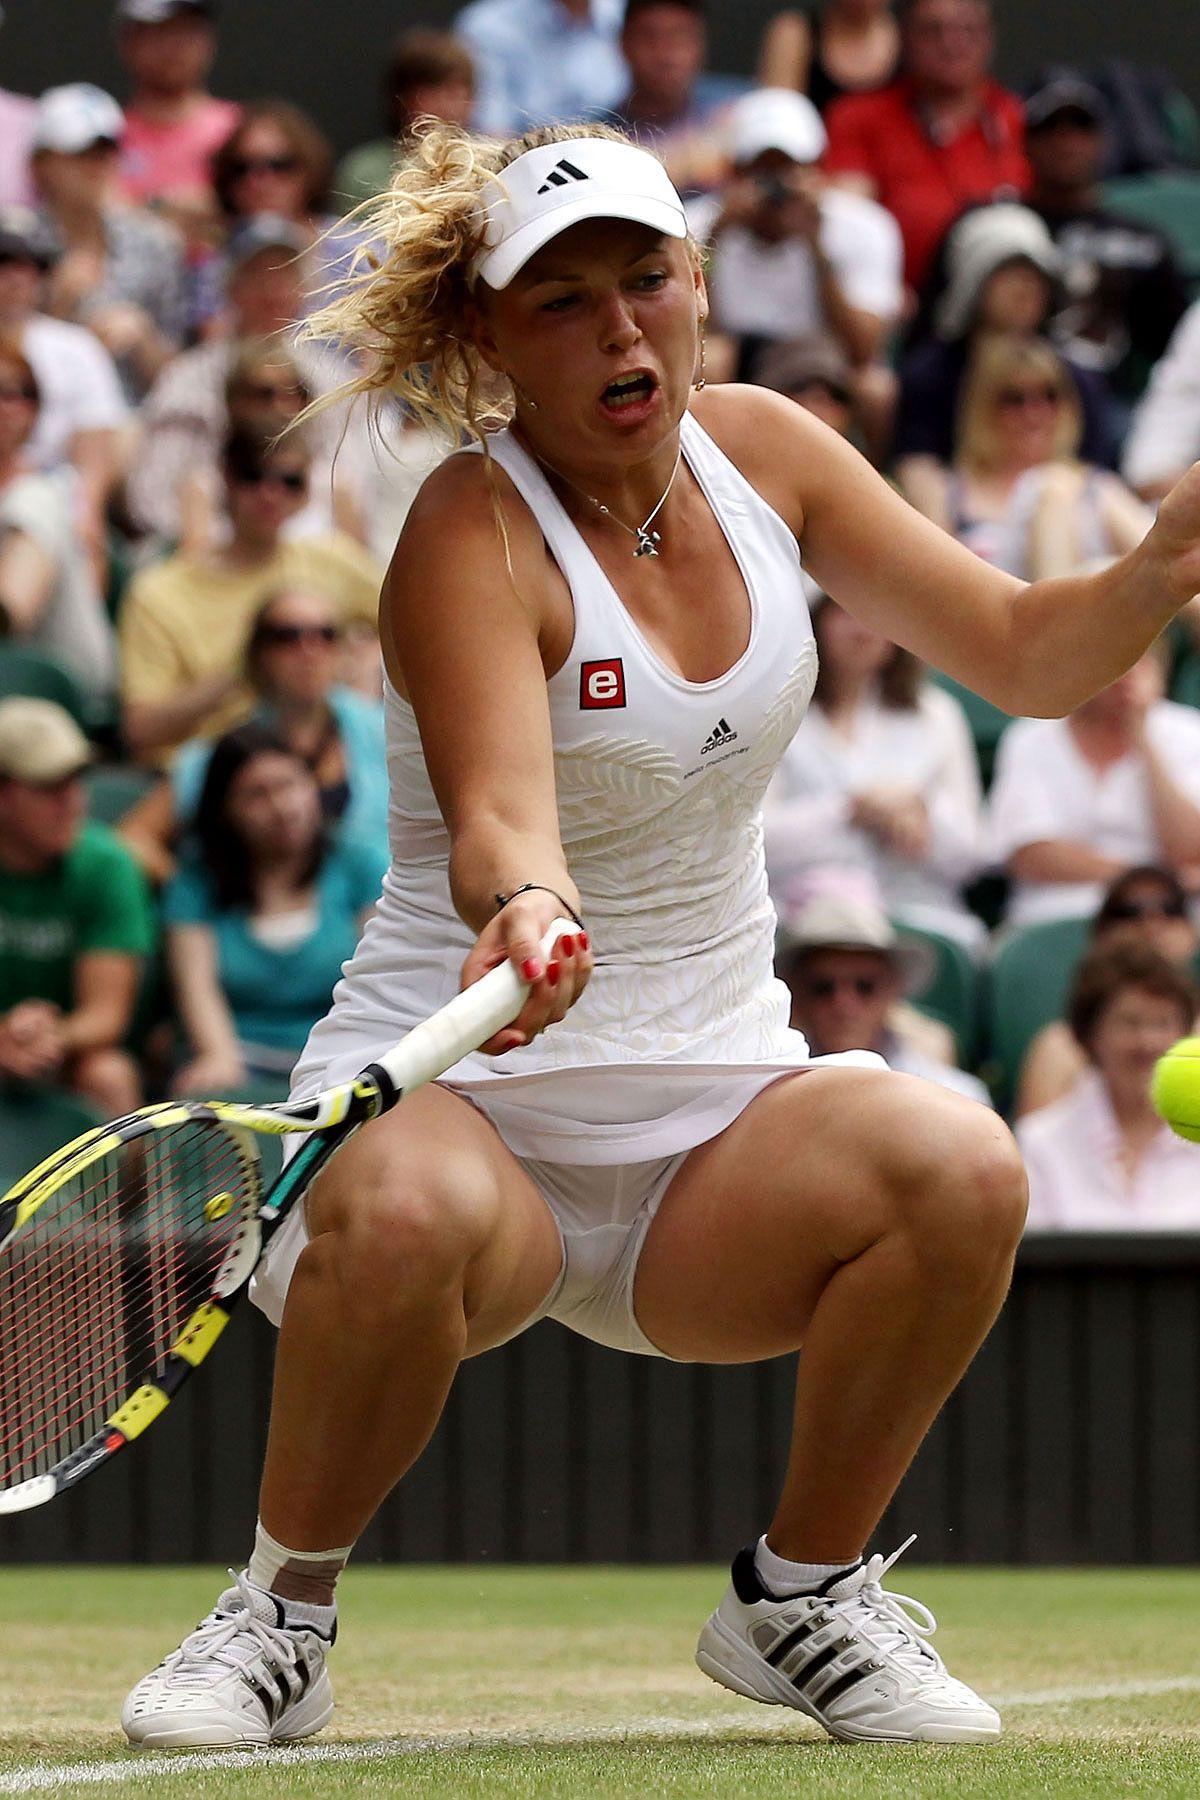 парень трахает под юбкой у теннисисток фото поводу предыдущего вашего